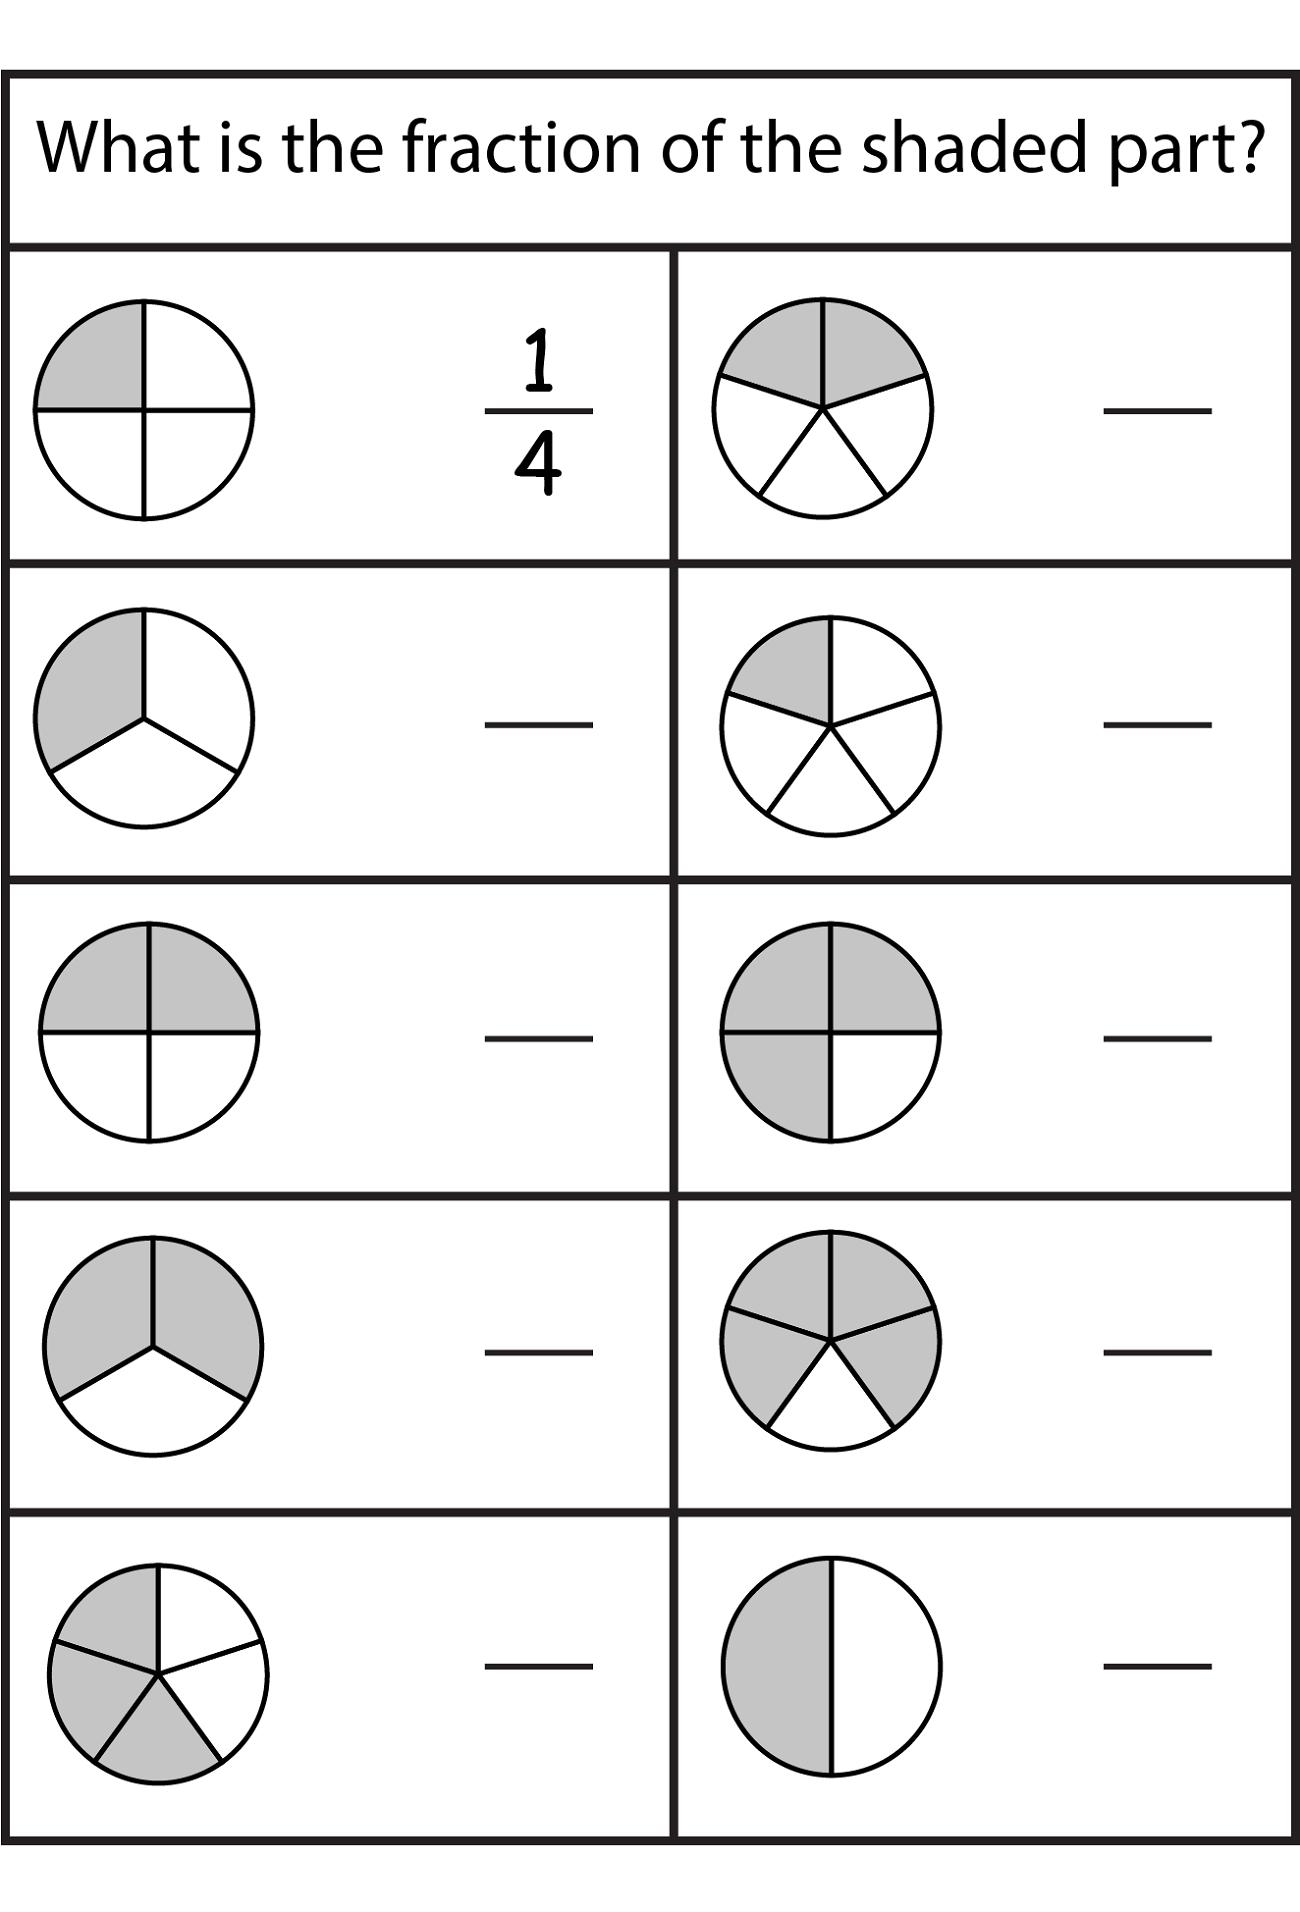 Math Fraction Worksheets For Kids 2nd Grade Math Worksheets Math Fractions Worksheets Fractions Worksheets [ 1912 x 1300 Pixel ]